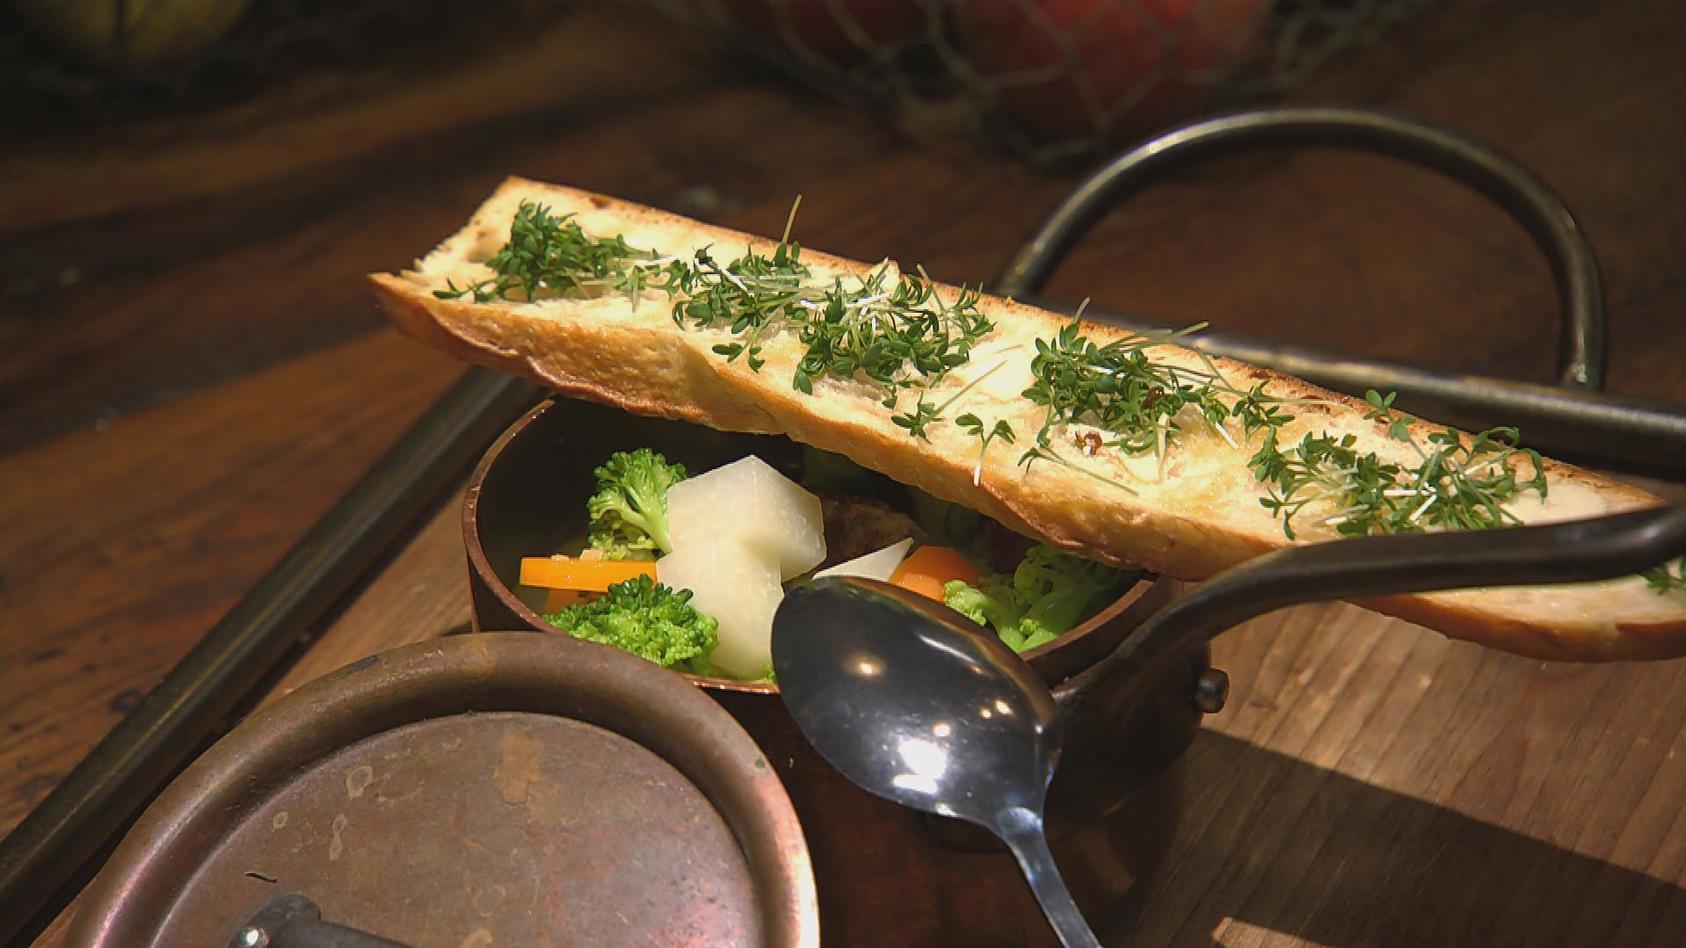 Das Reste zum Schluss - Aus Resten tolle Gerichte zaubern: Bunte Suppe